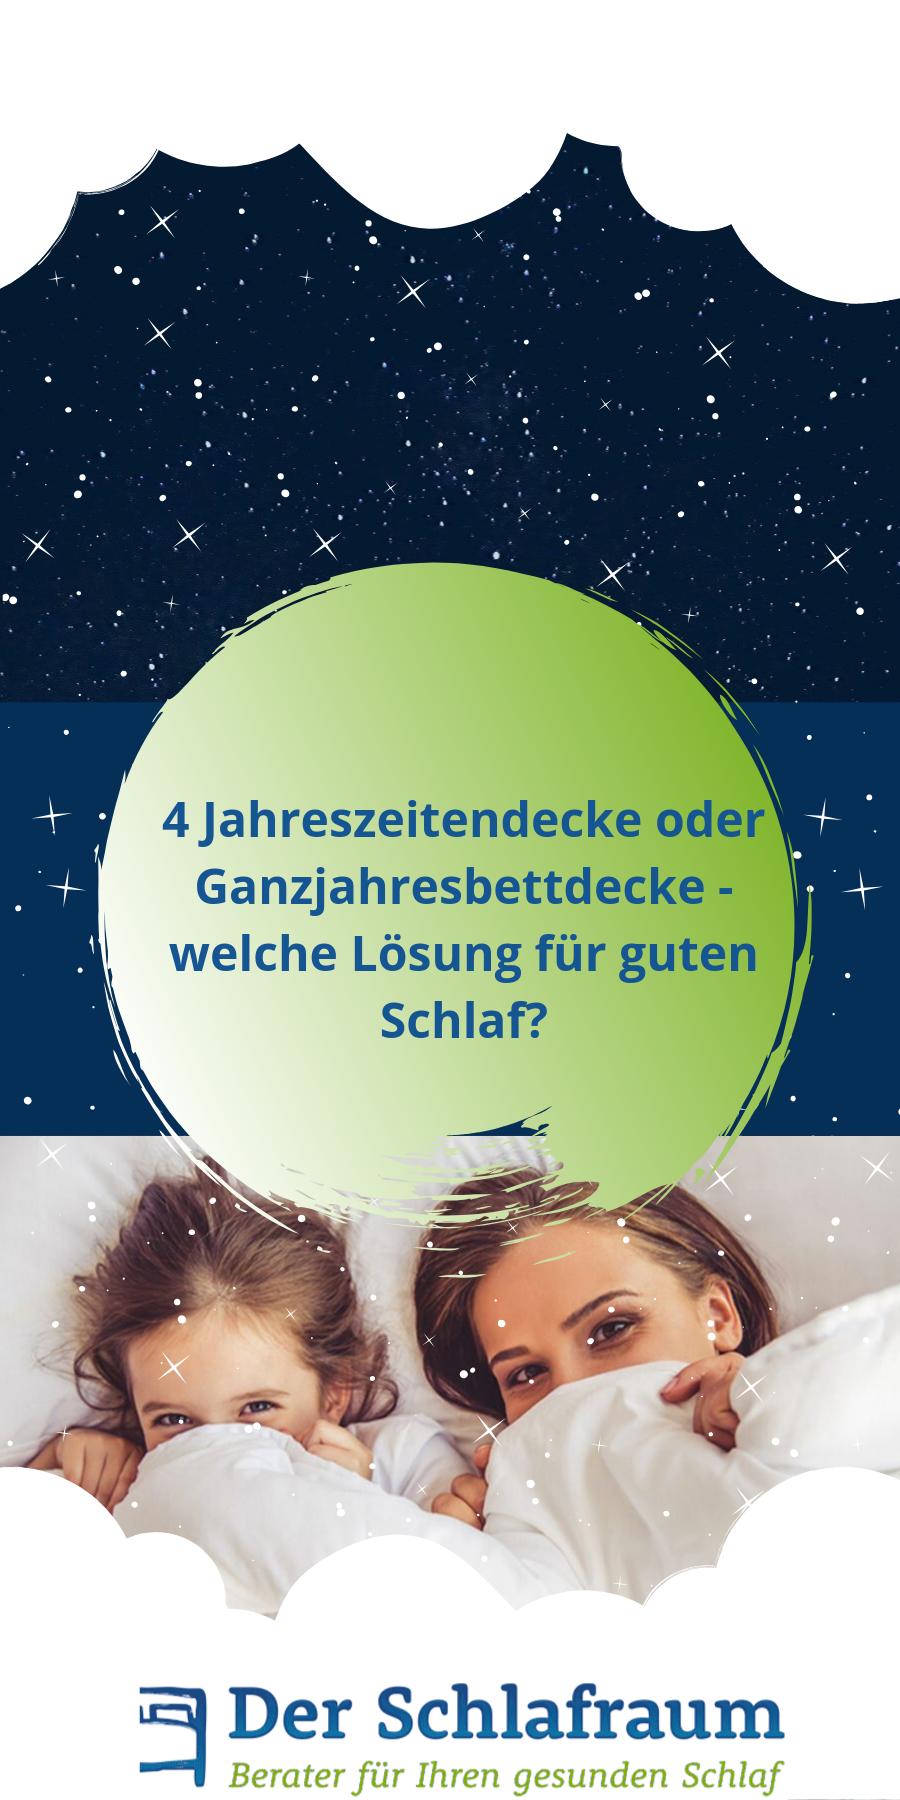 4 Jahreszeiten Bettdecke Oder Ganzjahresdecke Welche Losung Fur Guten Schlaf Mit Bildern Bettdecke Schlafen Deckchen